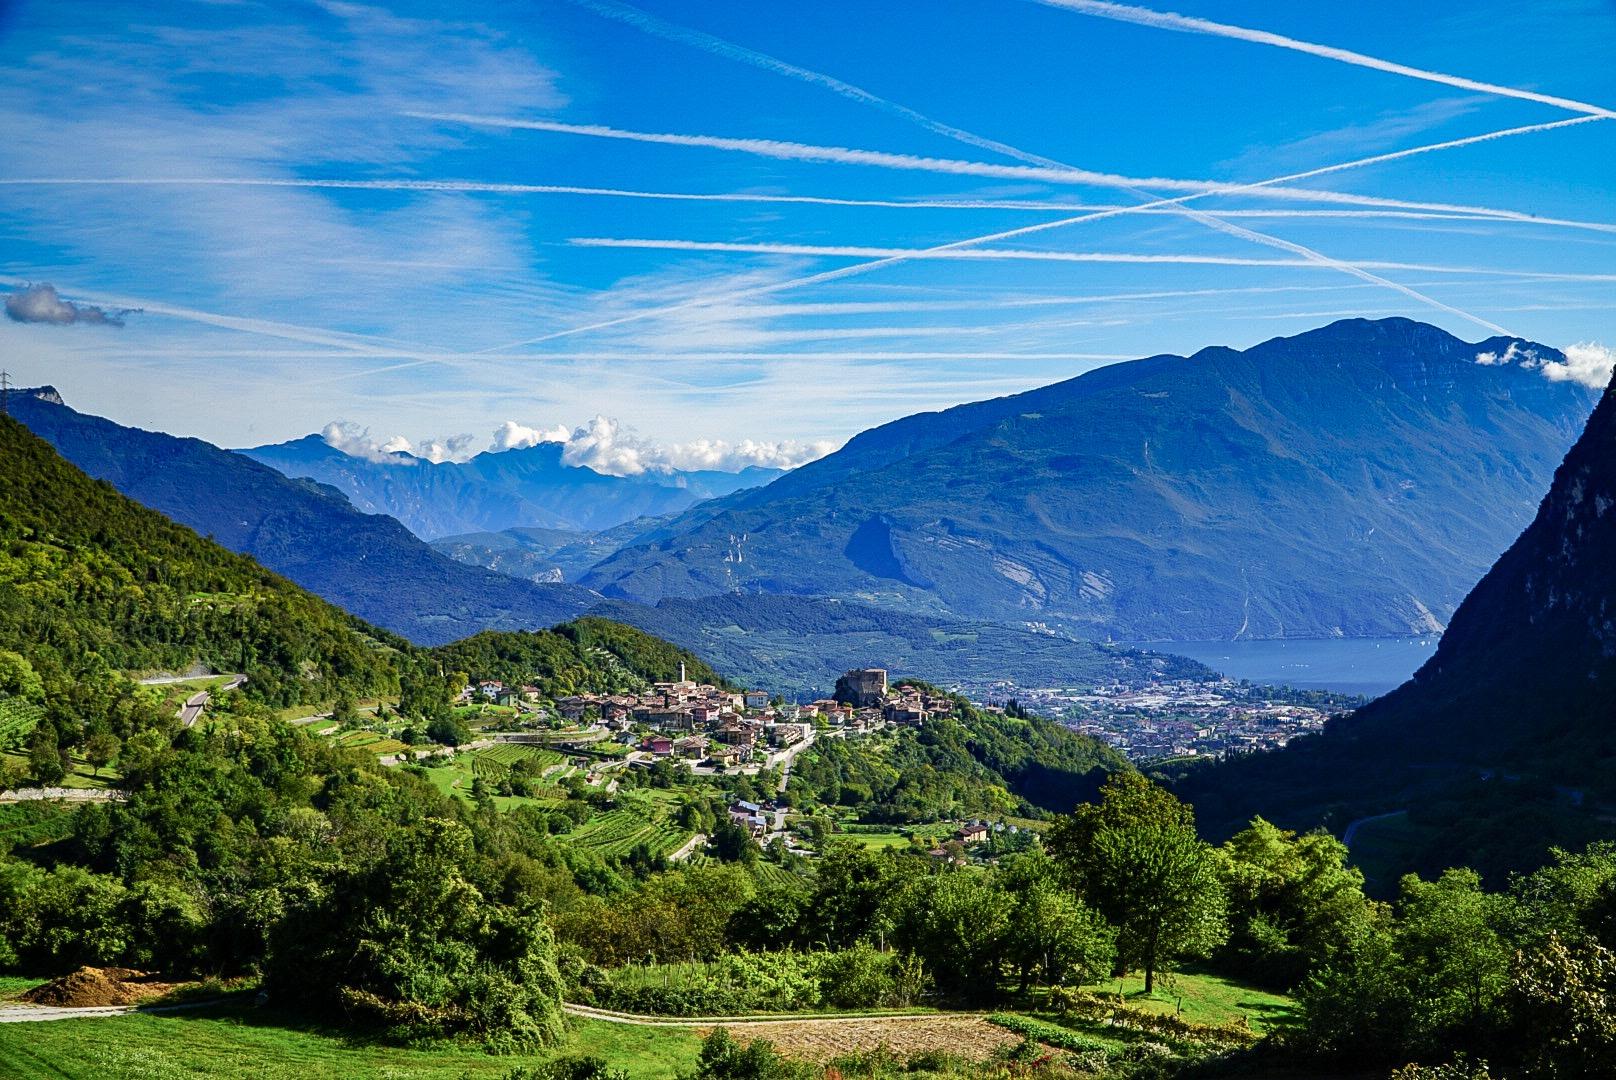 Ville del Monte, Italy